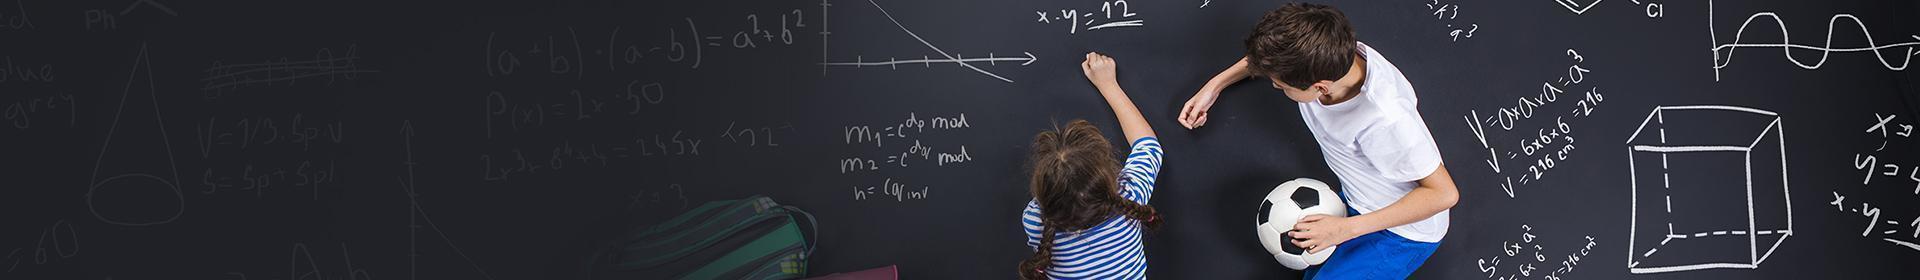 Dzieci piszące na tablicy